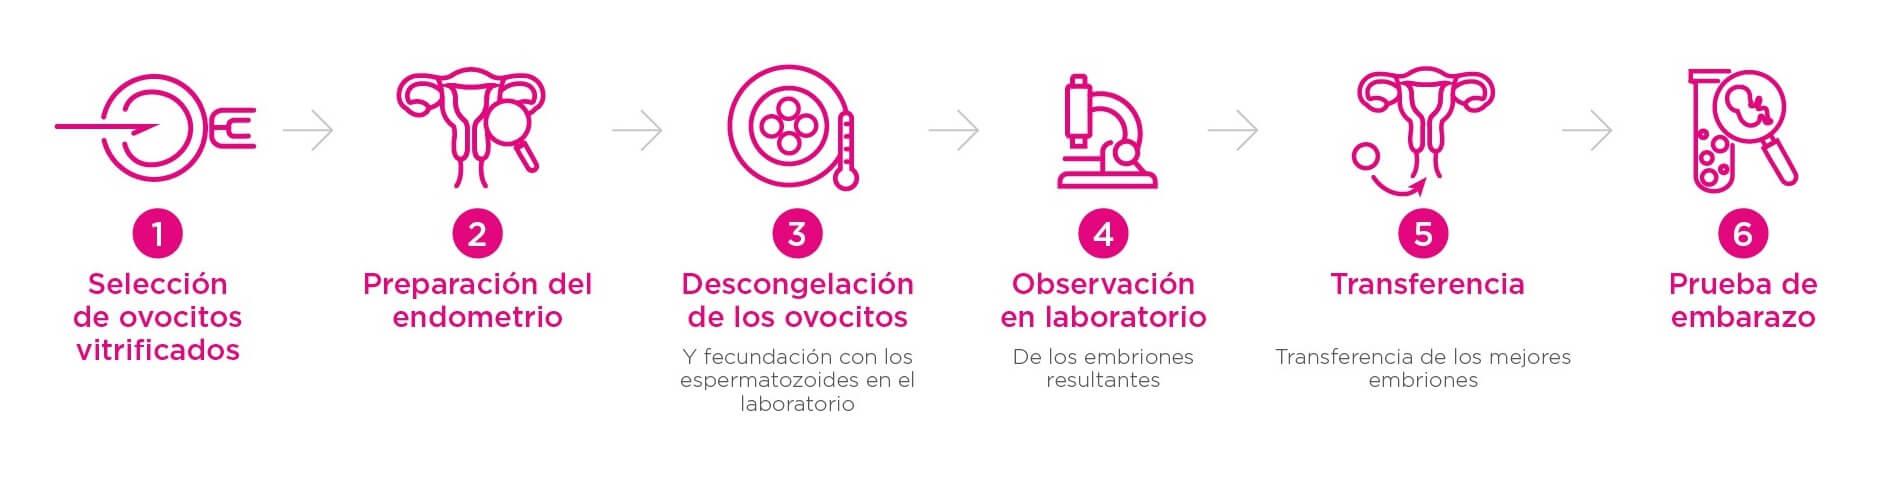 pasos tratamiento fertilidad ovodonación